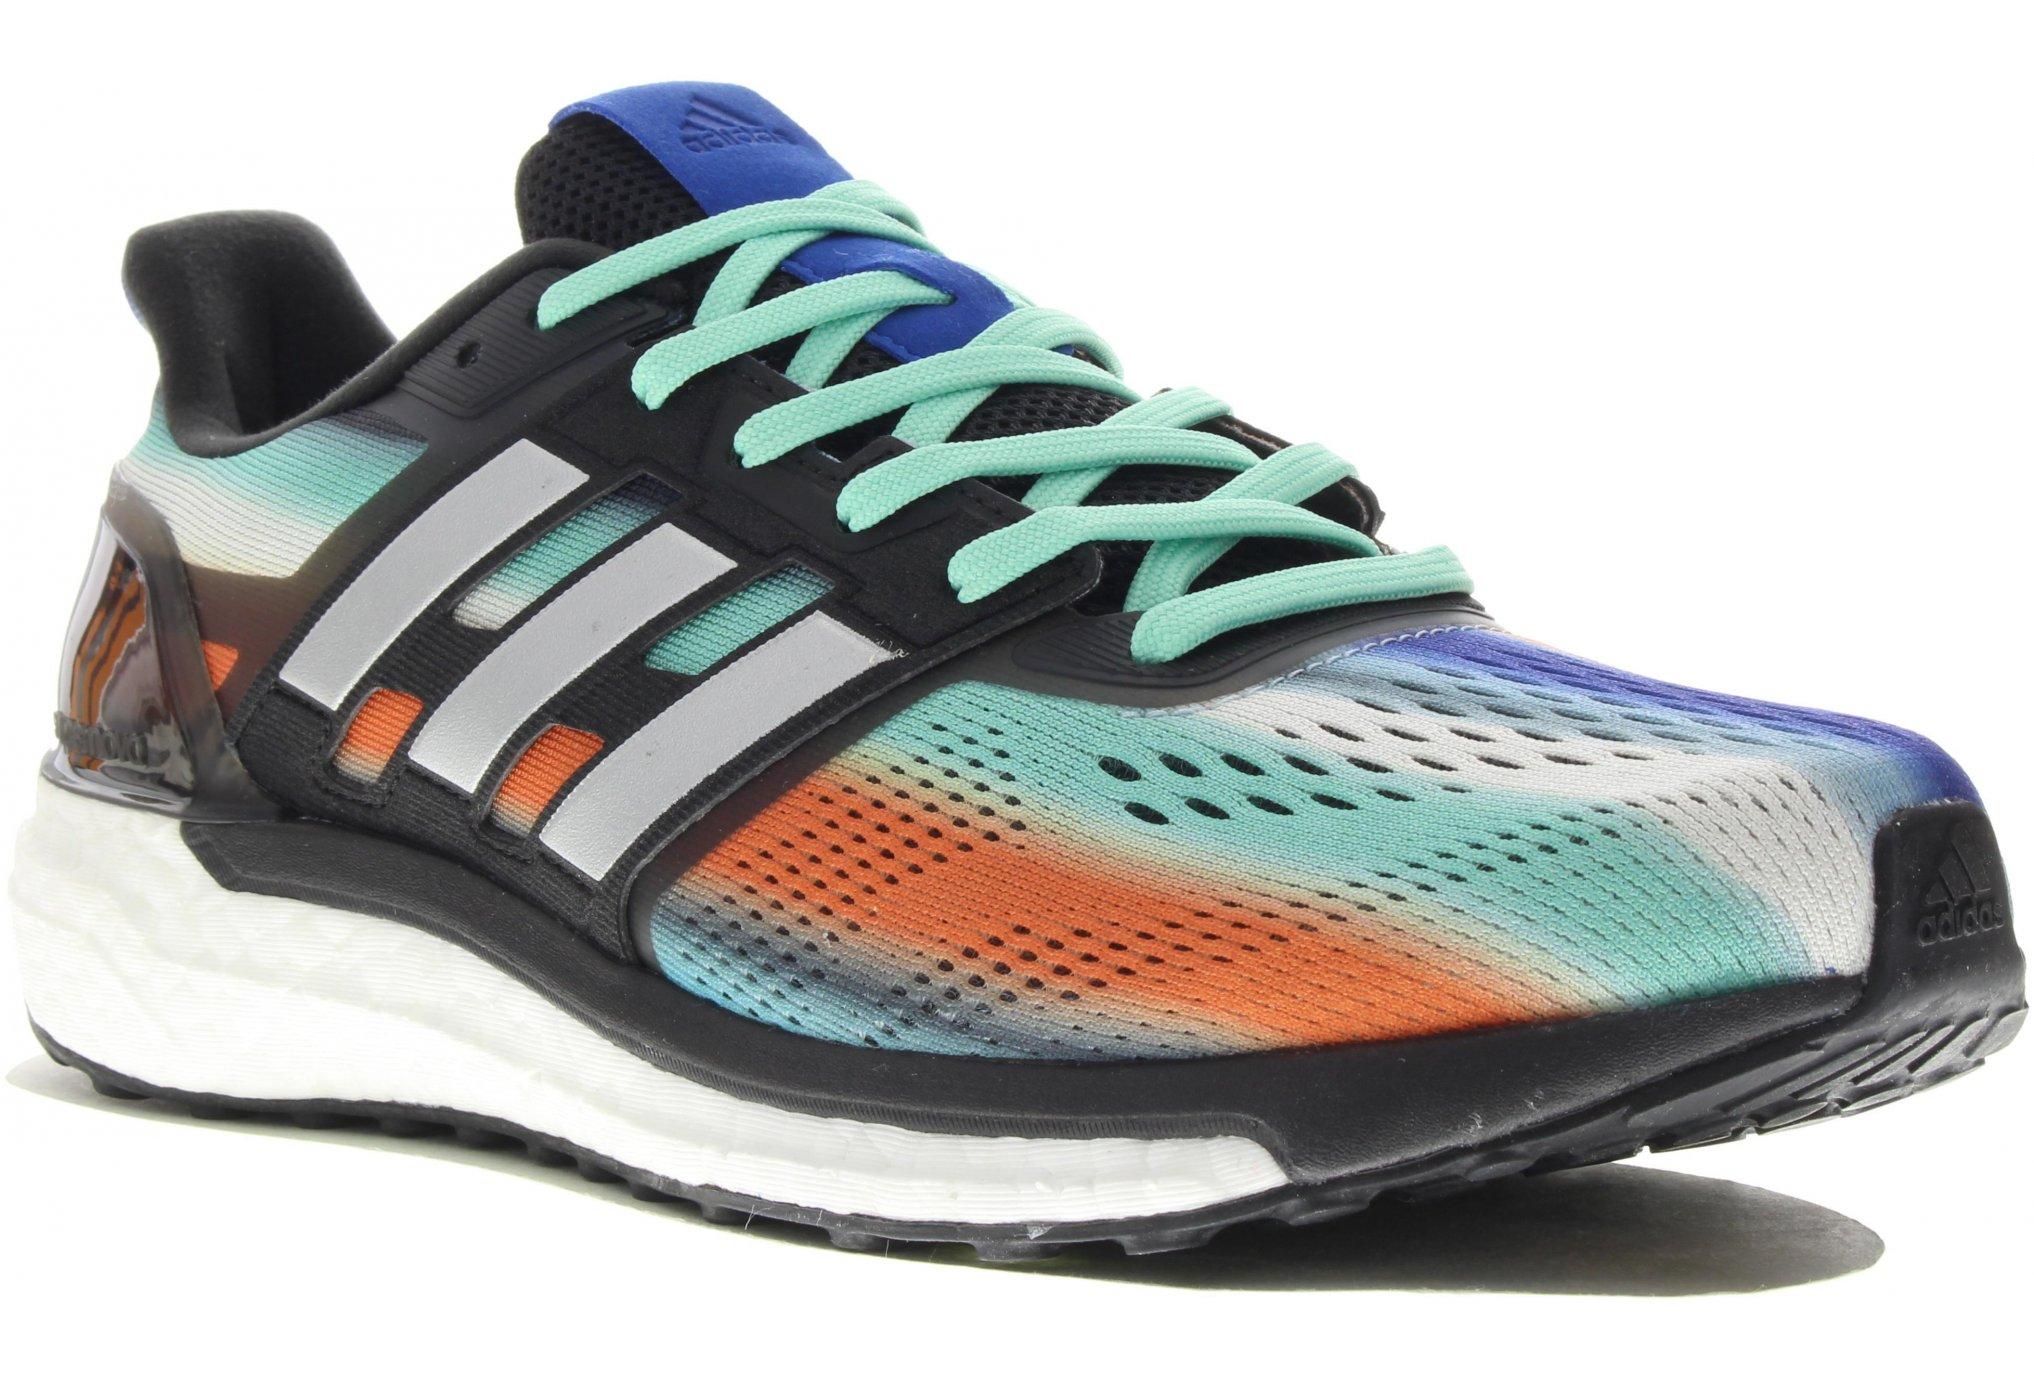 367e36f1743 Chaussures pour le marathon en soldes – U Run